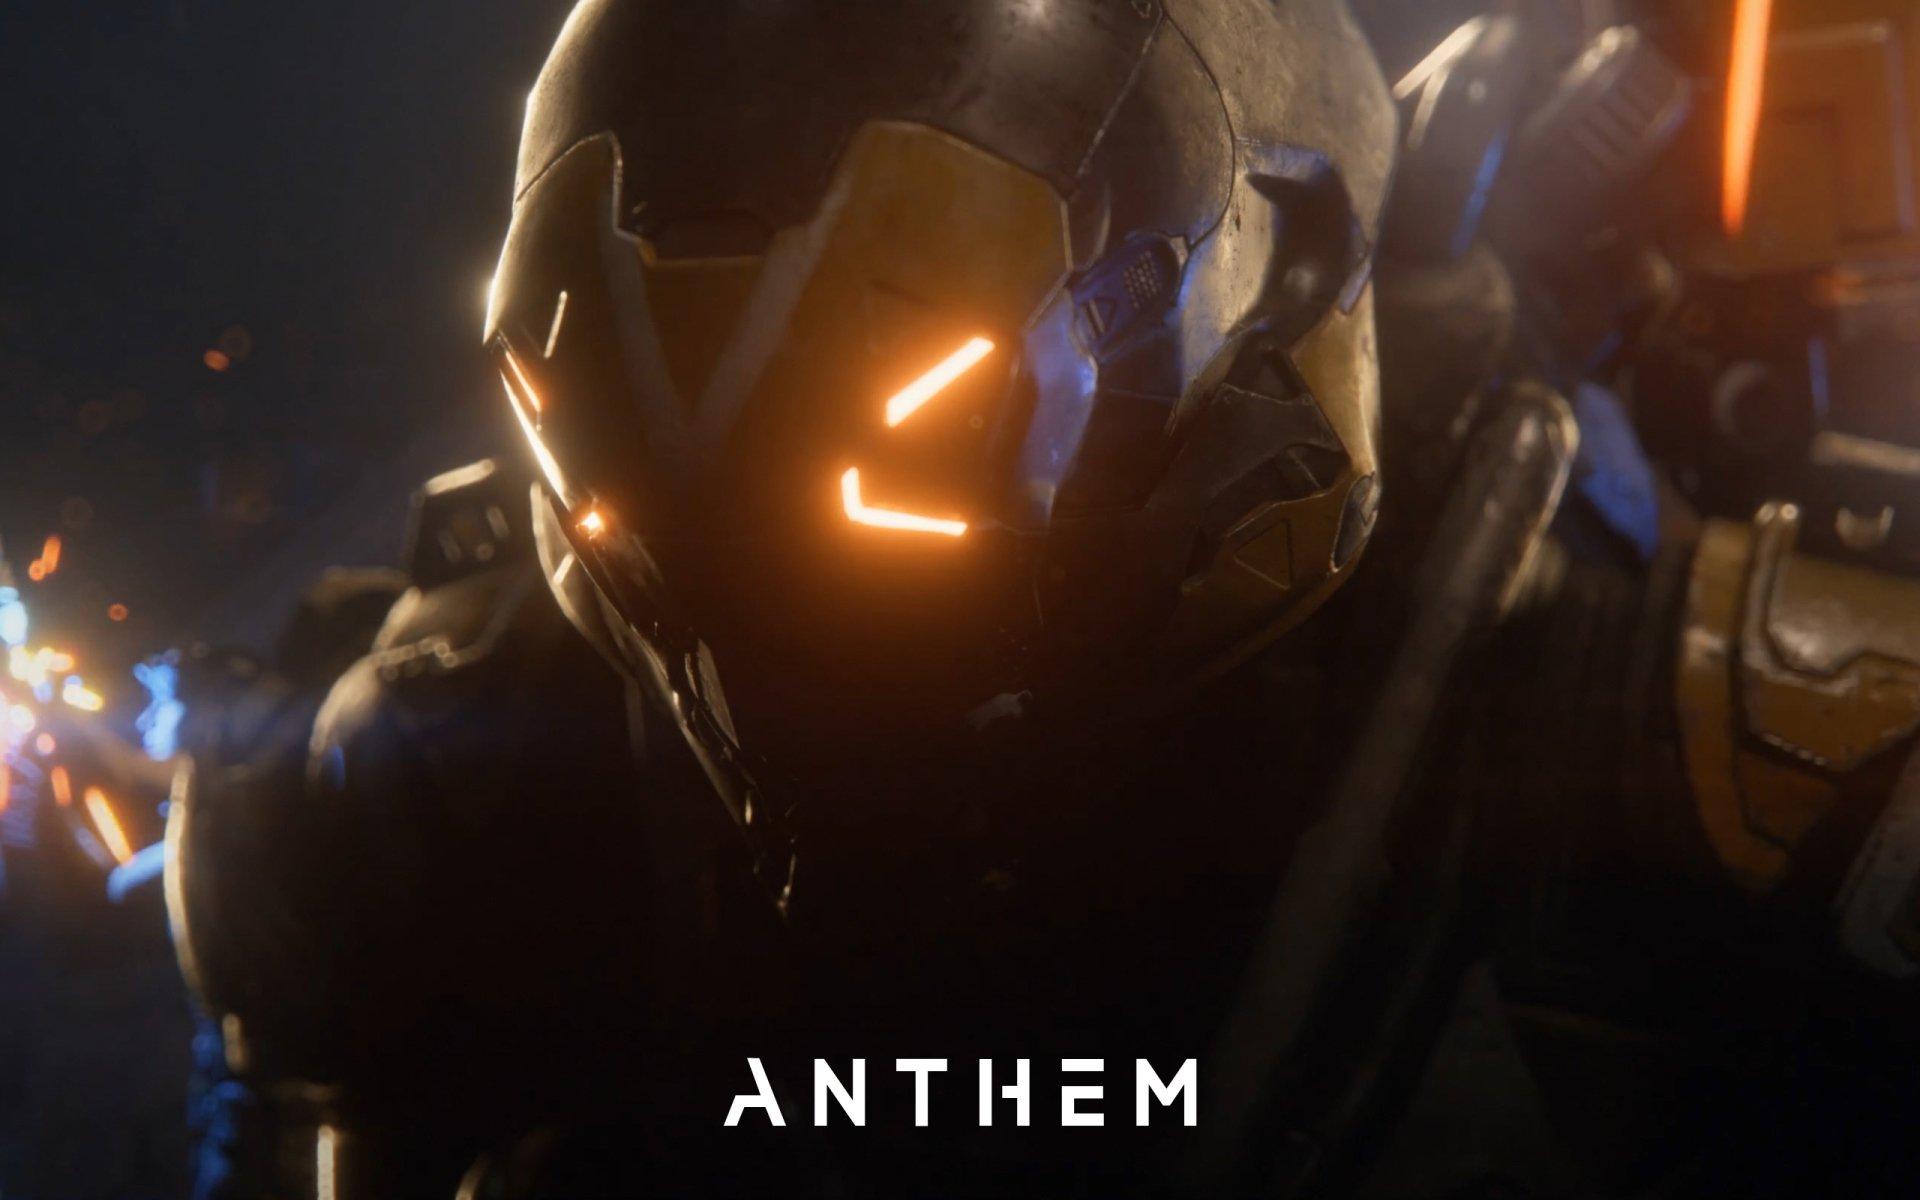 画像大量 Anthemのオシャレでカッコいい壁紙集 その2 Pc用 シンシア エンターテイメント総合情報サイト